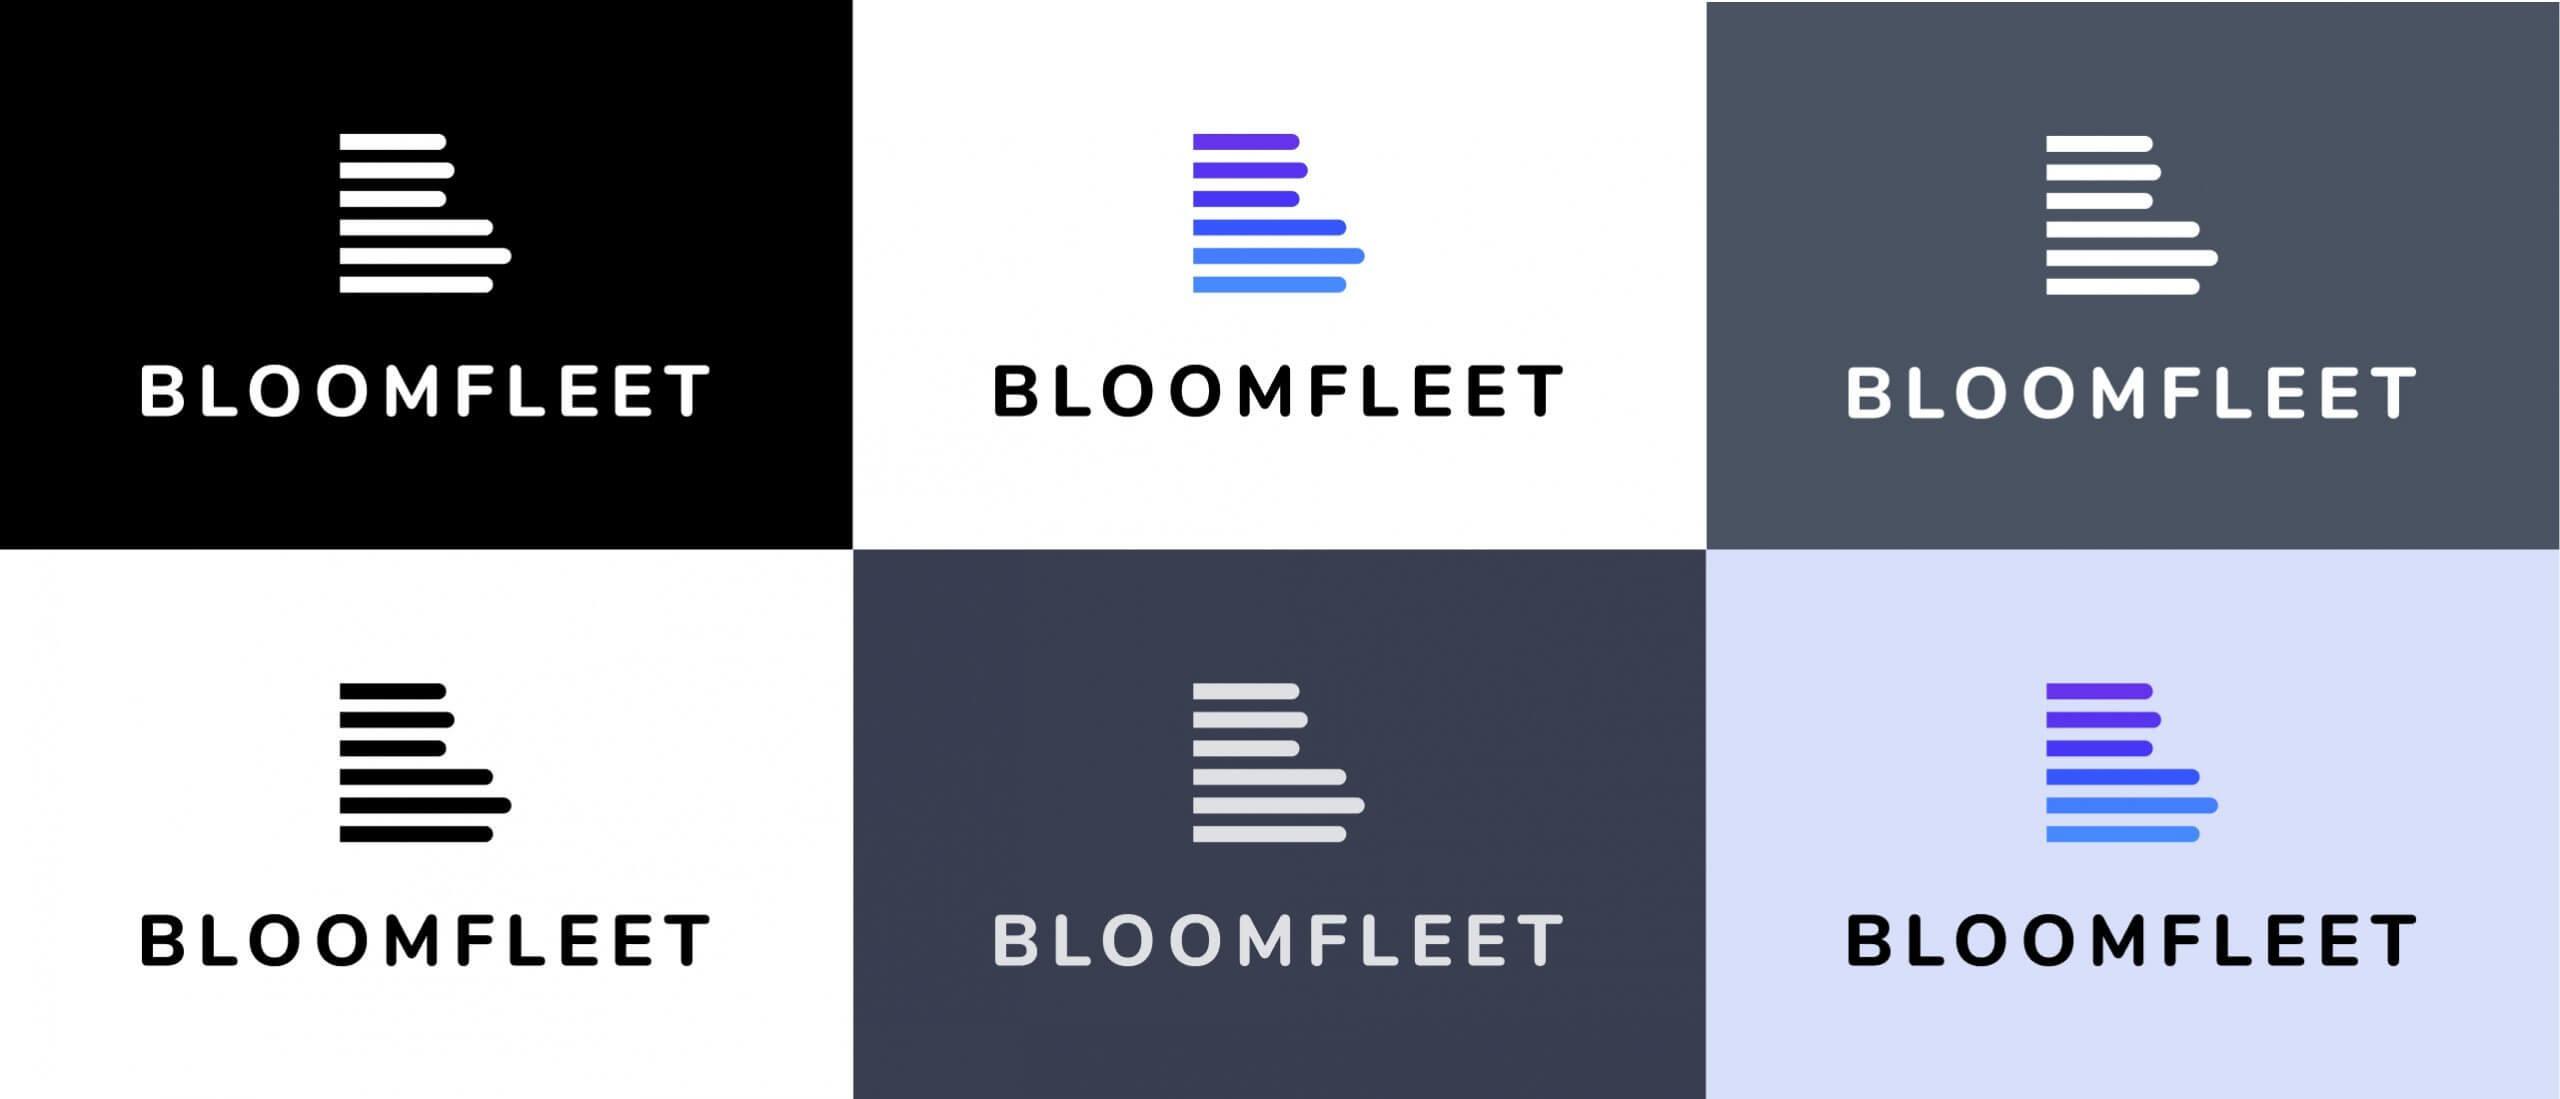 Group 2186 scaled Bloomfleet 5 Baasbox